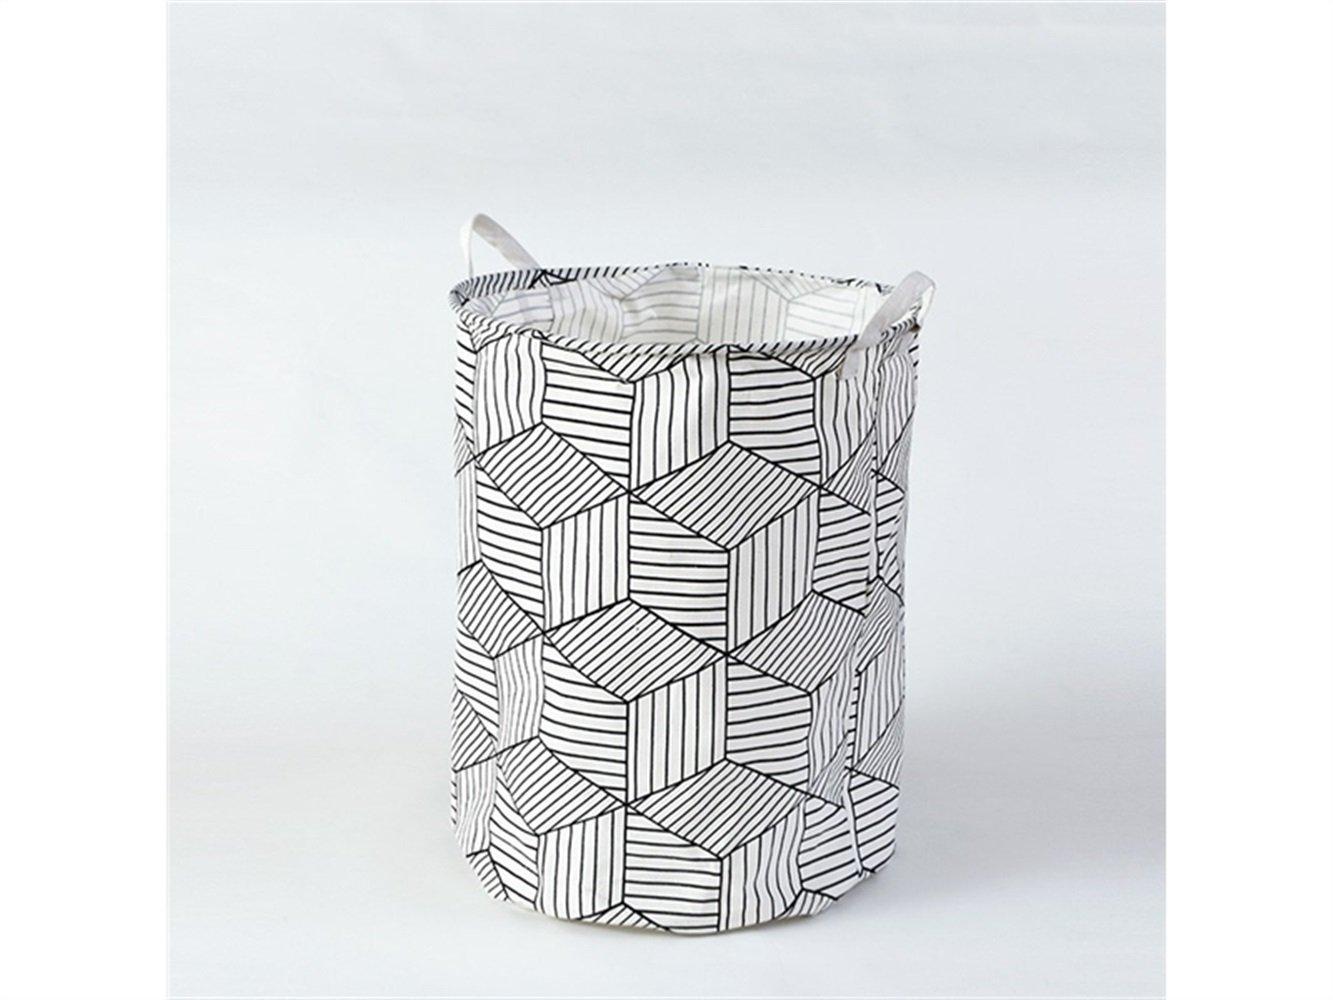 Gelaiken Lightweight Cube Pattern Storage Box Laundry Basket Cotton and Linen Storage Box (White)